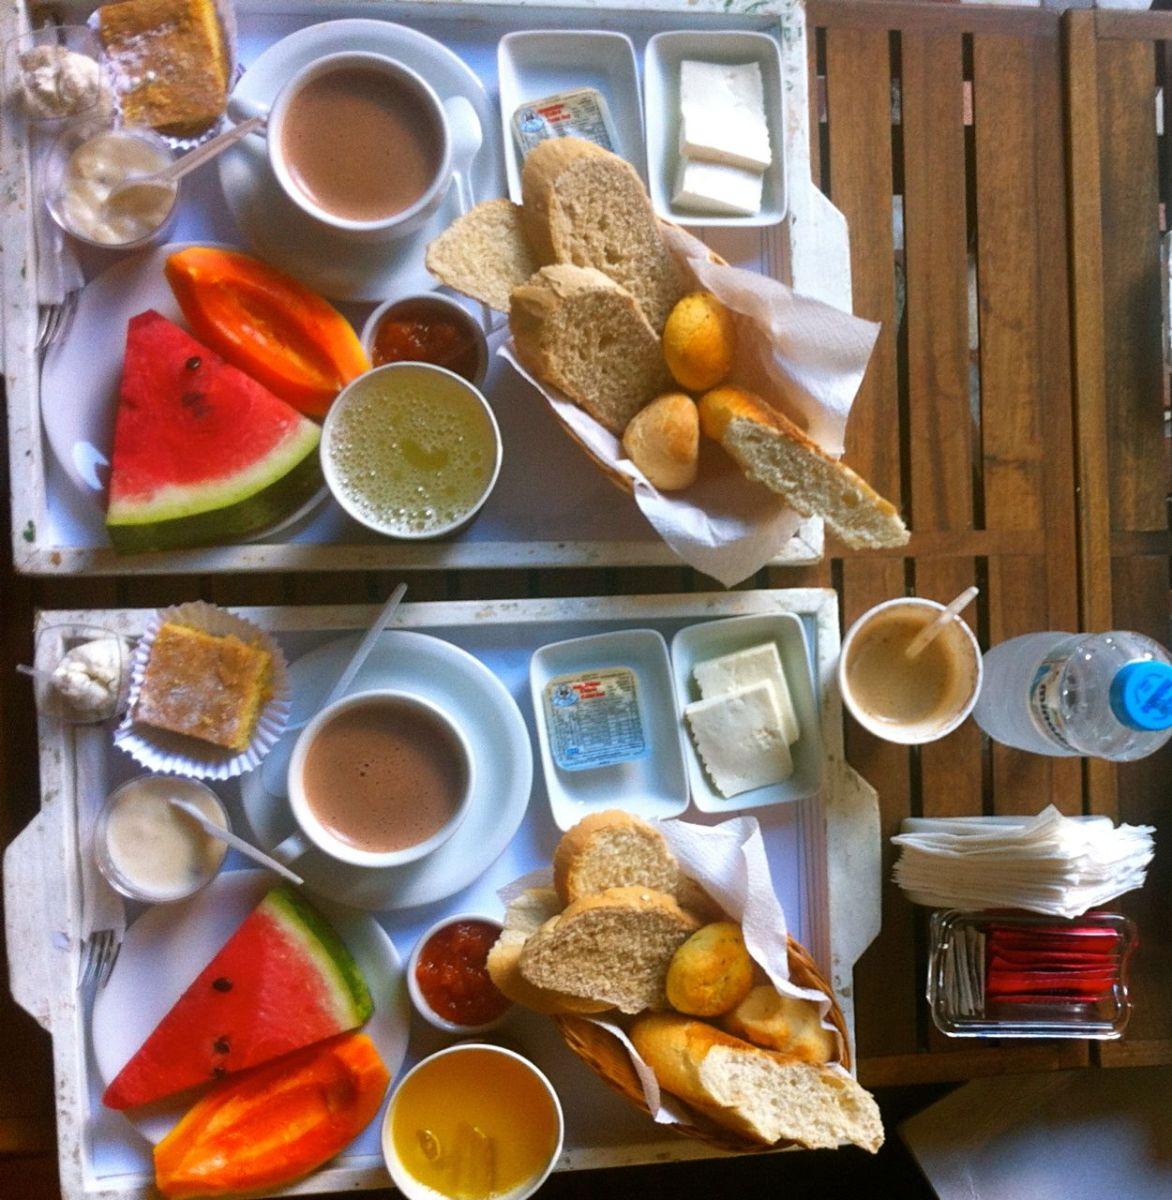 Caf da manh aos p s do cristo redentor blog utens lios for Utensilios para servir comida